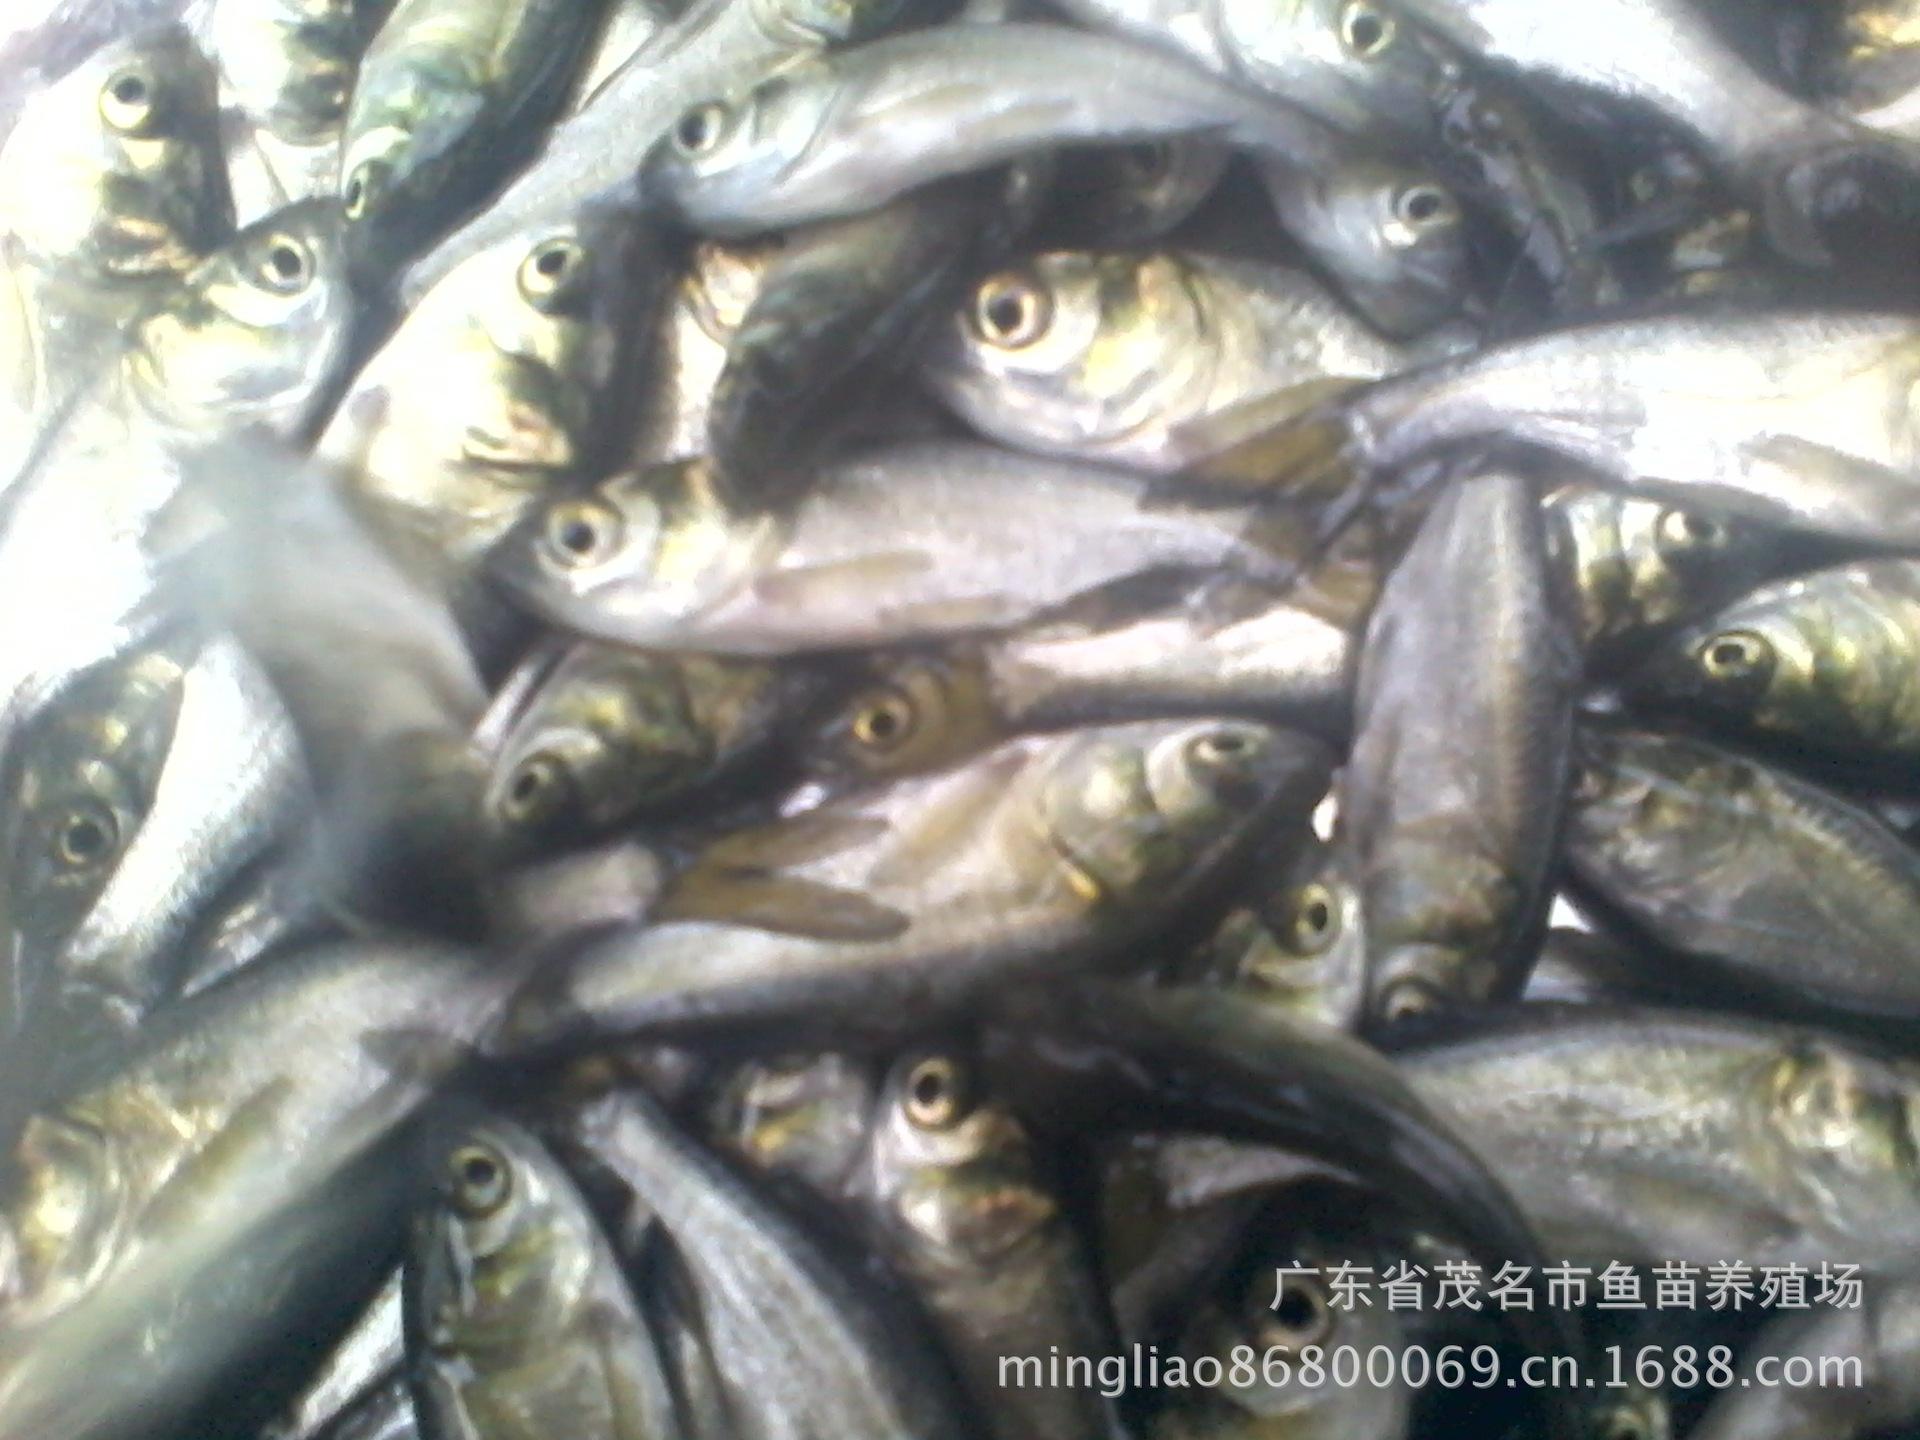 中国水产养殖代理在哪里_水产品招商加盟_资阳市惠丰水产专业合作社